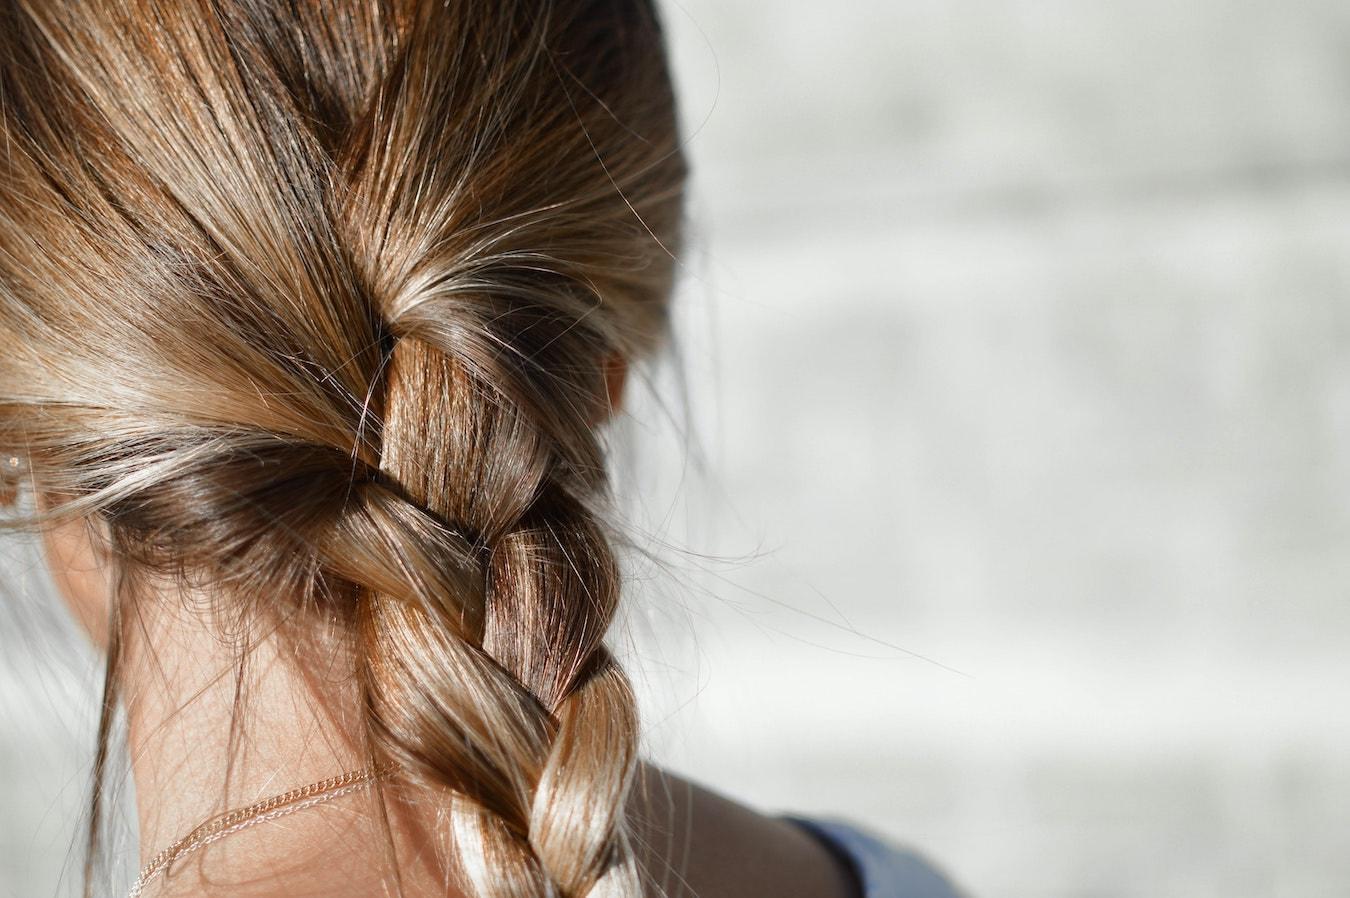 junge Frau mit starken dicken Haaren in einen blonden Zopf gebunden